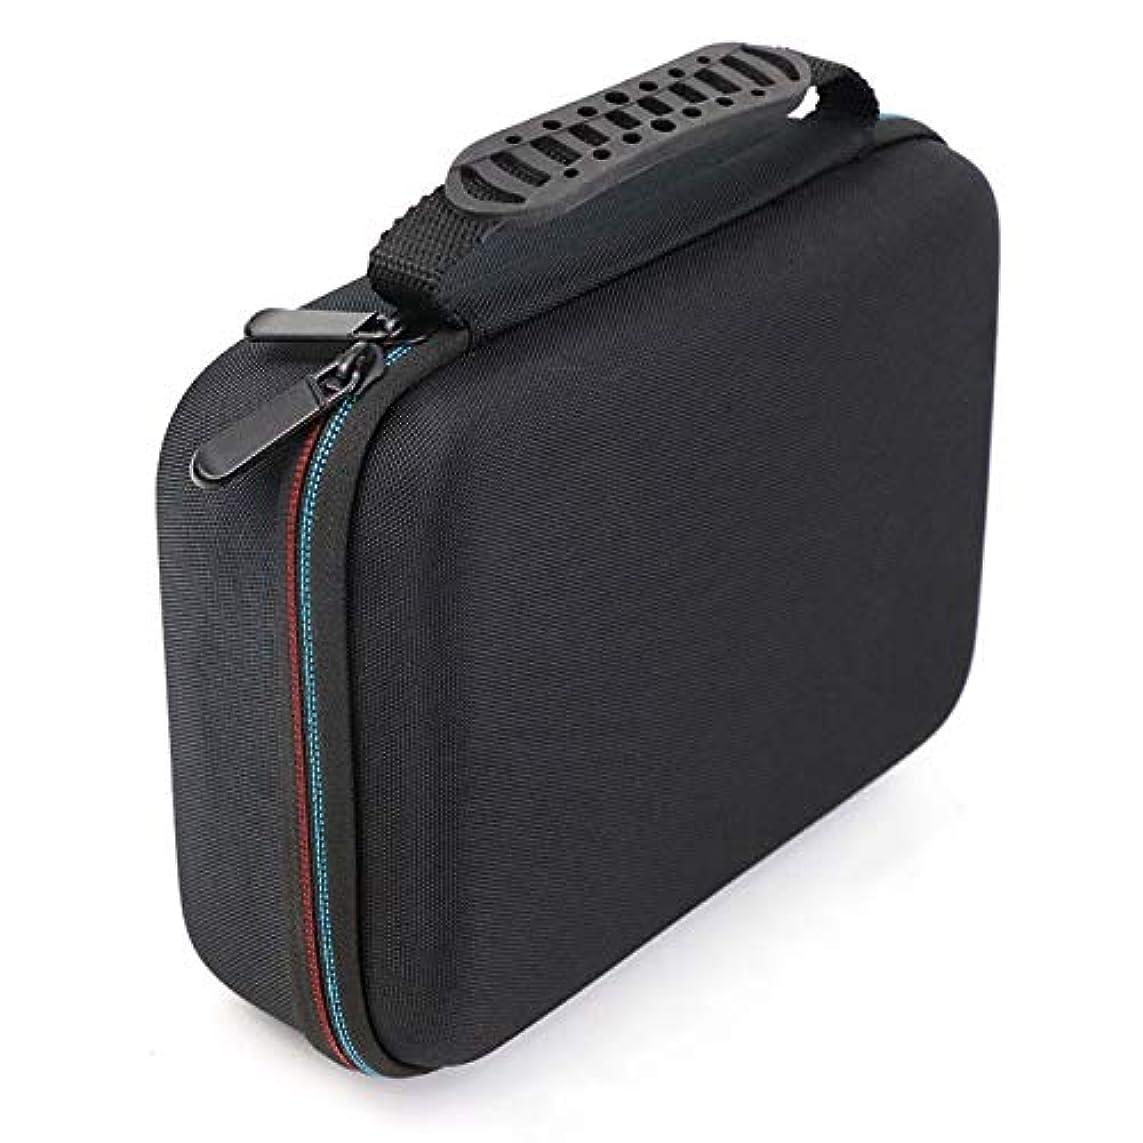 十分にリーチ過半数CUHAWUDBA バリカンの収納ケース、携帯用ケース、耐衝撃バッグ、シェーバーのキット、Evaハードケース、収納バッグ、 Mgk3020/3060/3080用